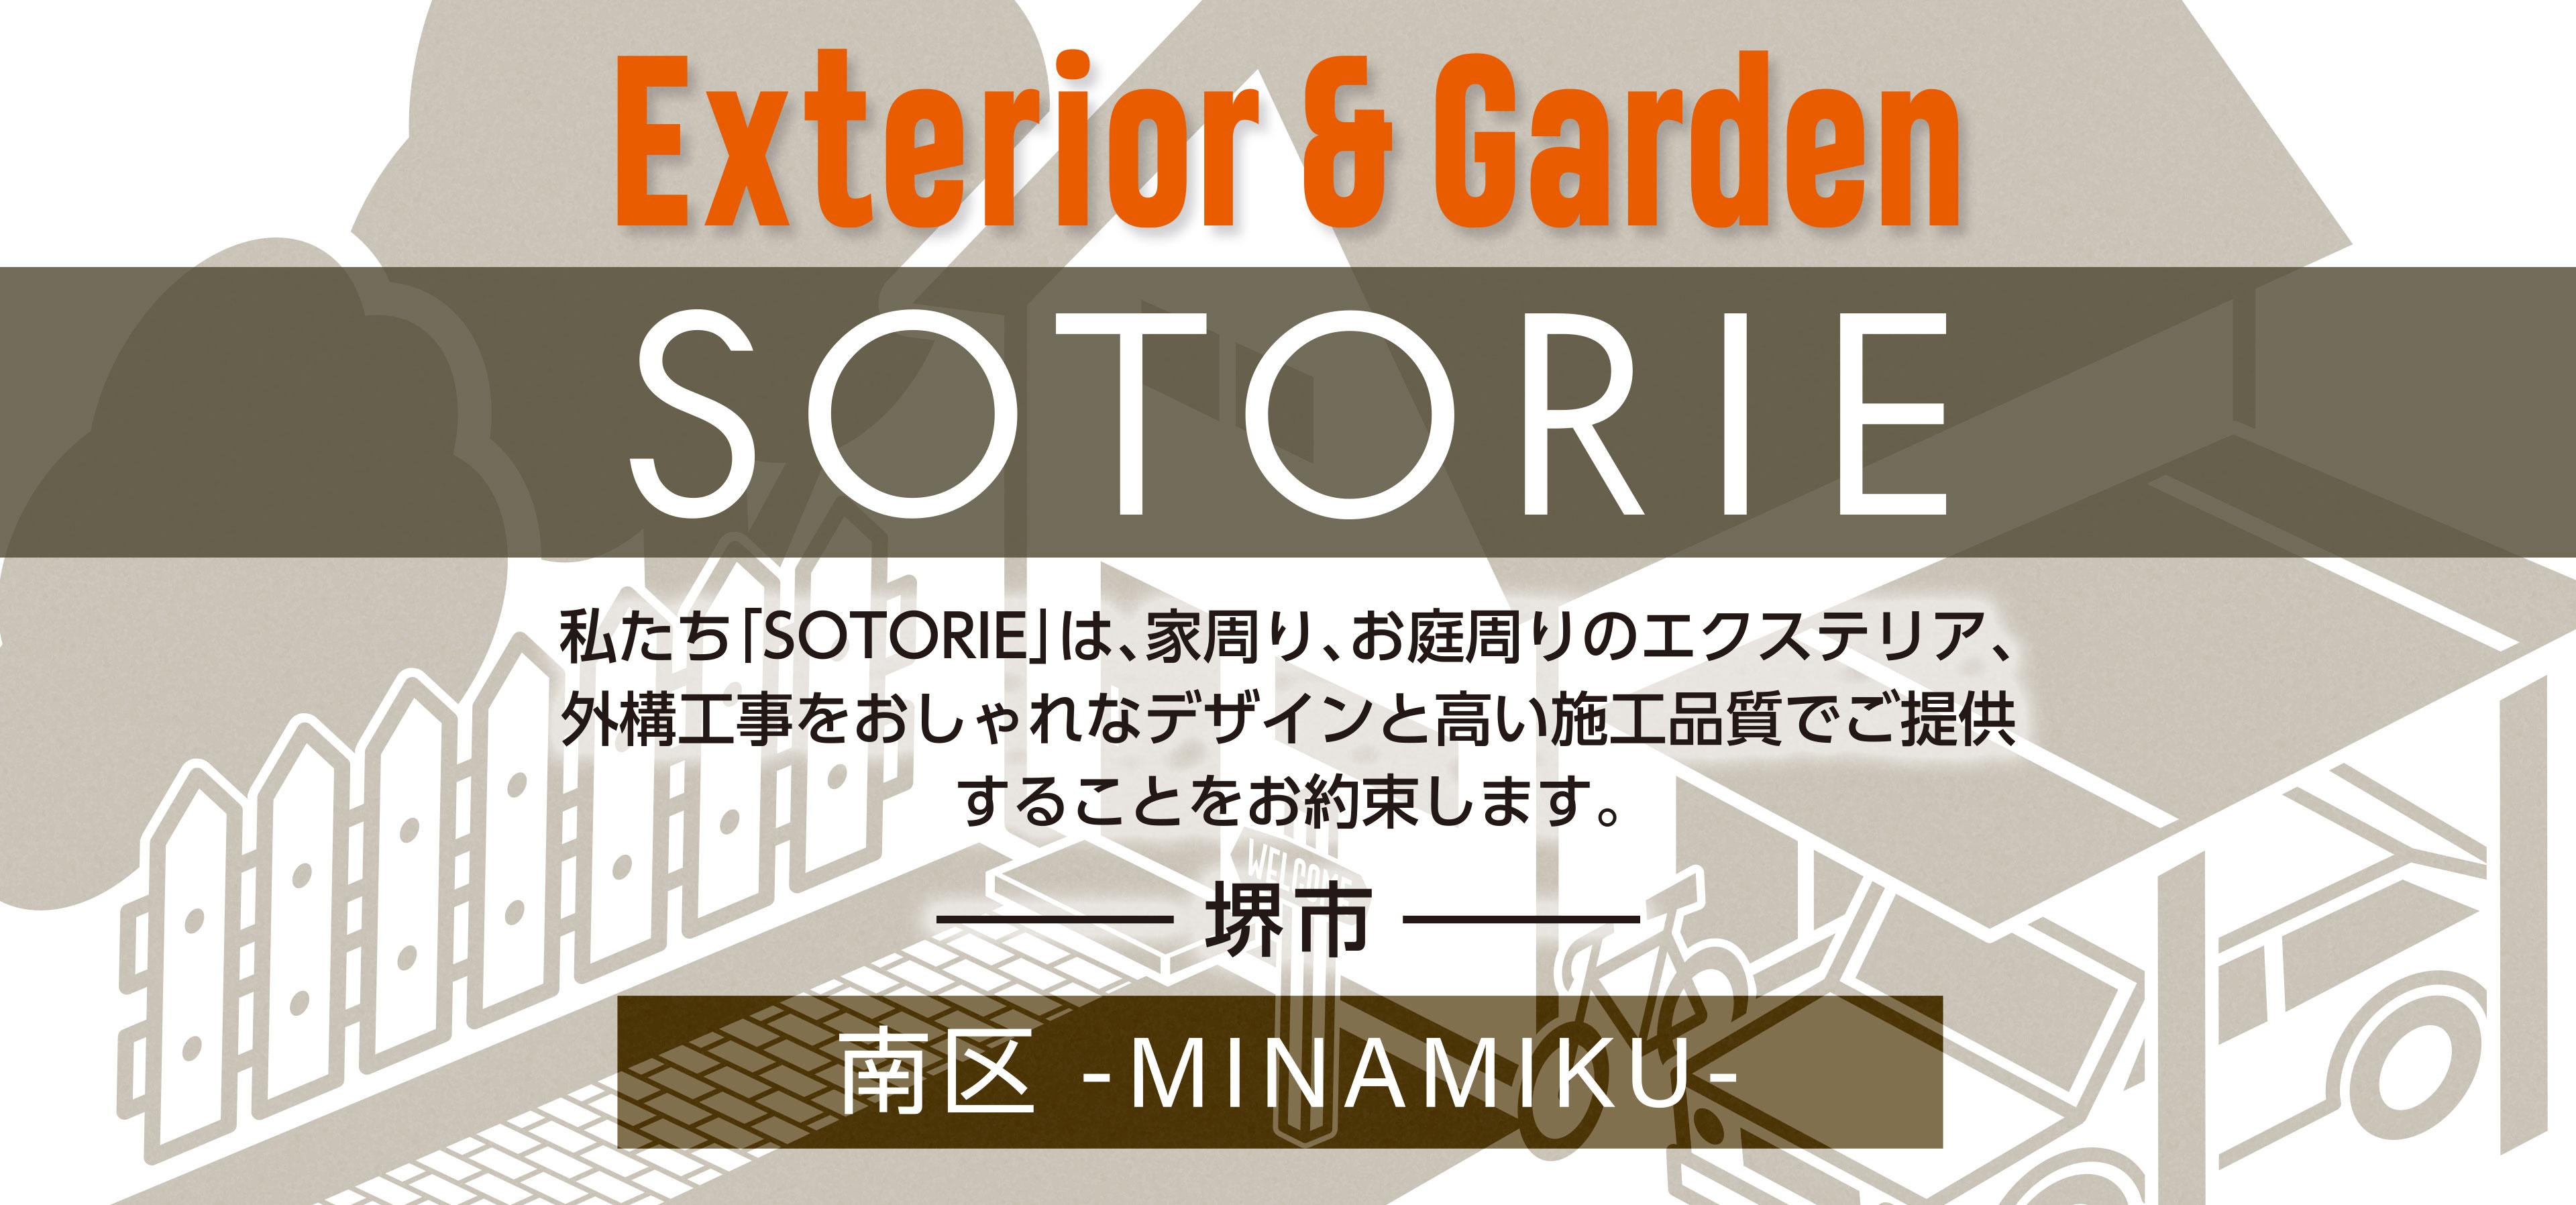 ソトリエ堺市南区では、家周りと庭周りの外構、エクステリア工事をおしゃれなデザインと高い施工品質でご提供することをお約束します。